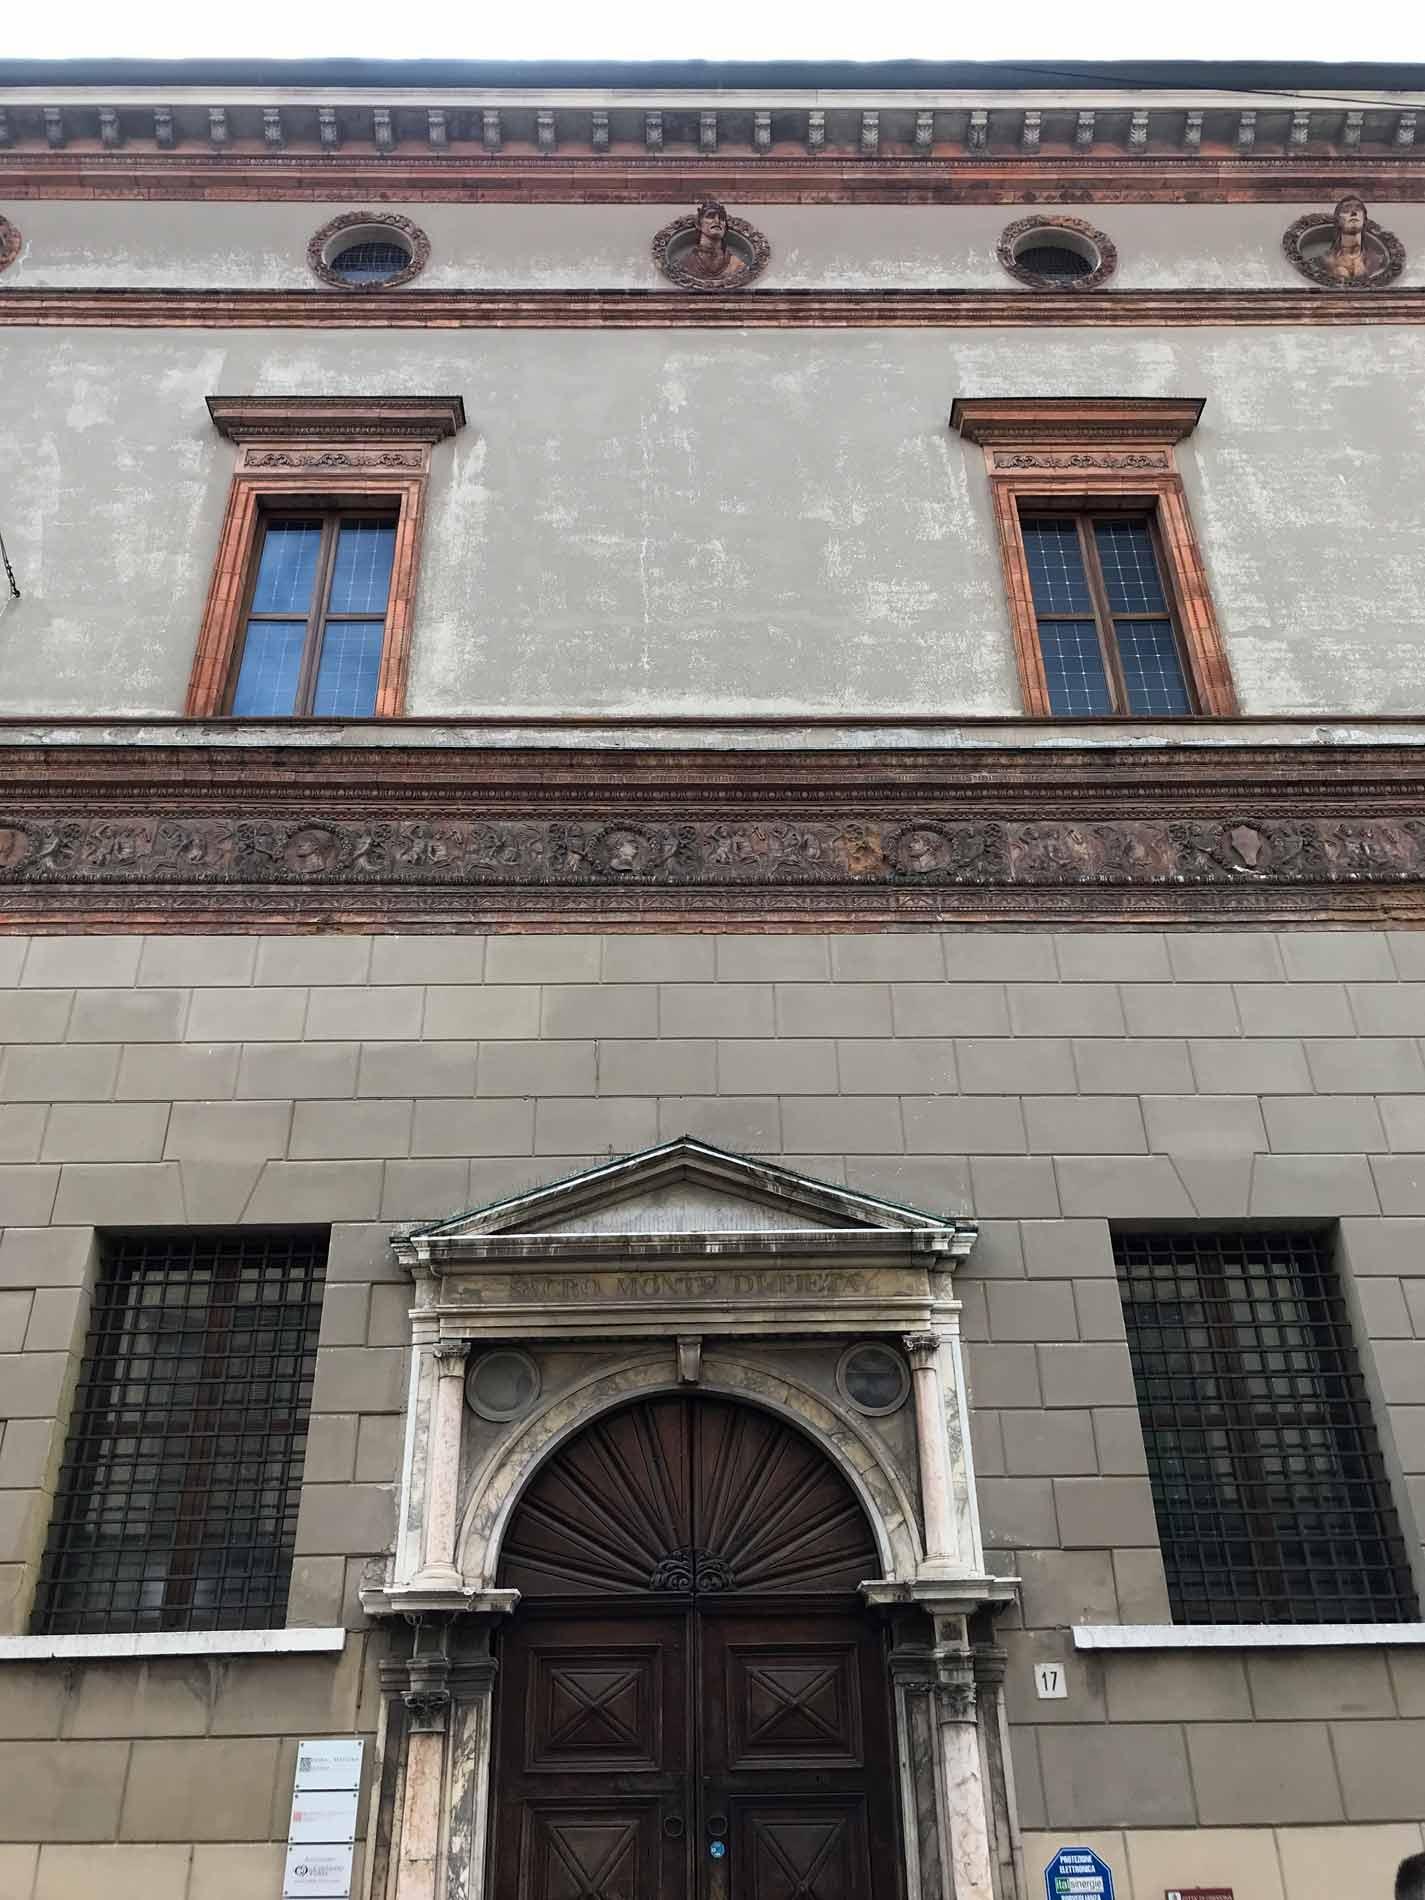 Cremona-Palazzo-Fodri-facciata-portale-marmo-fregio-in-terracotta